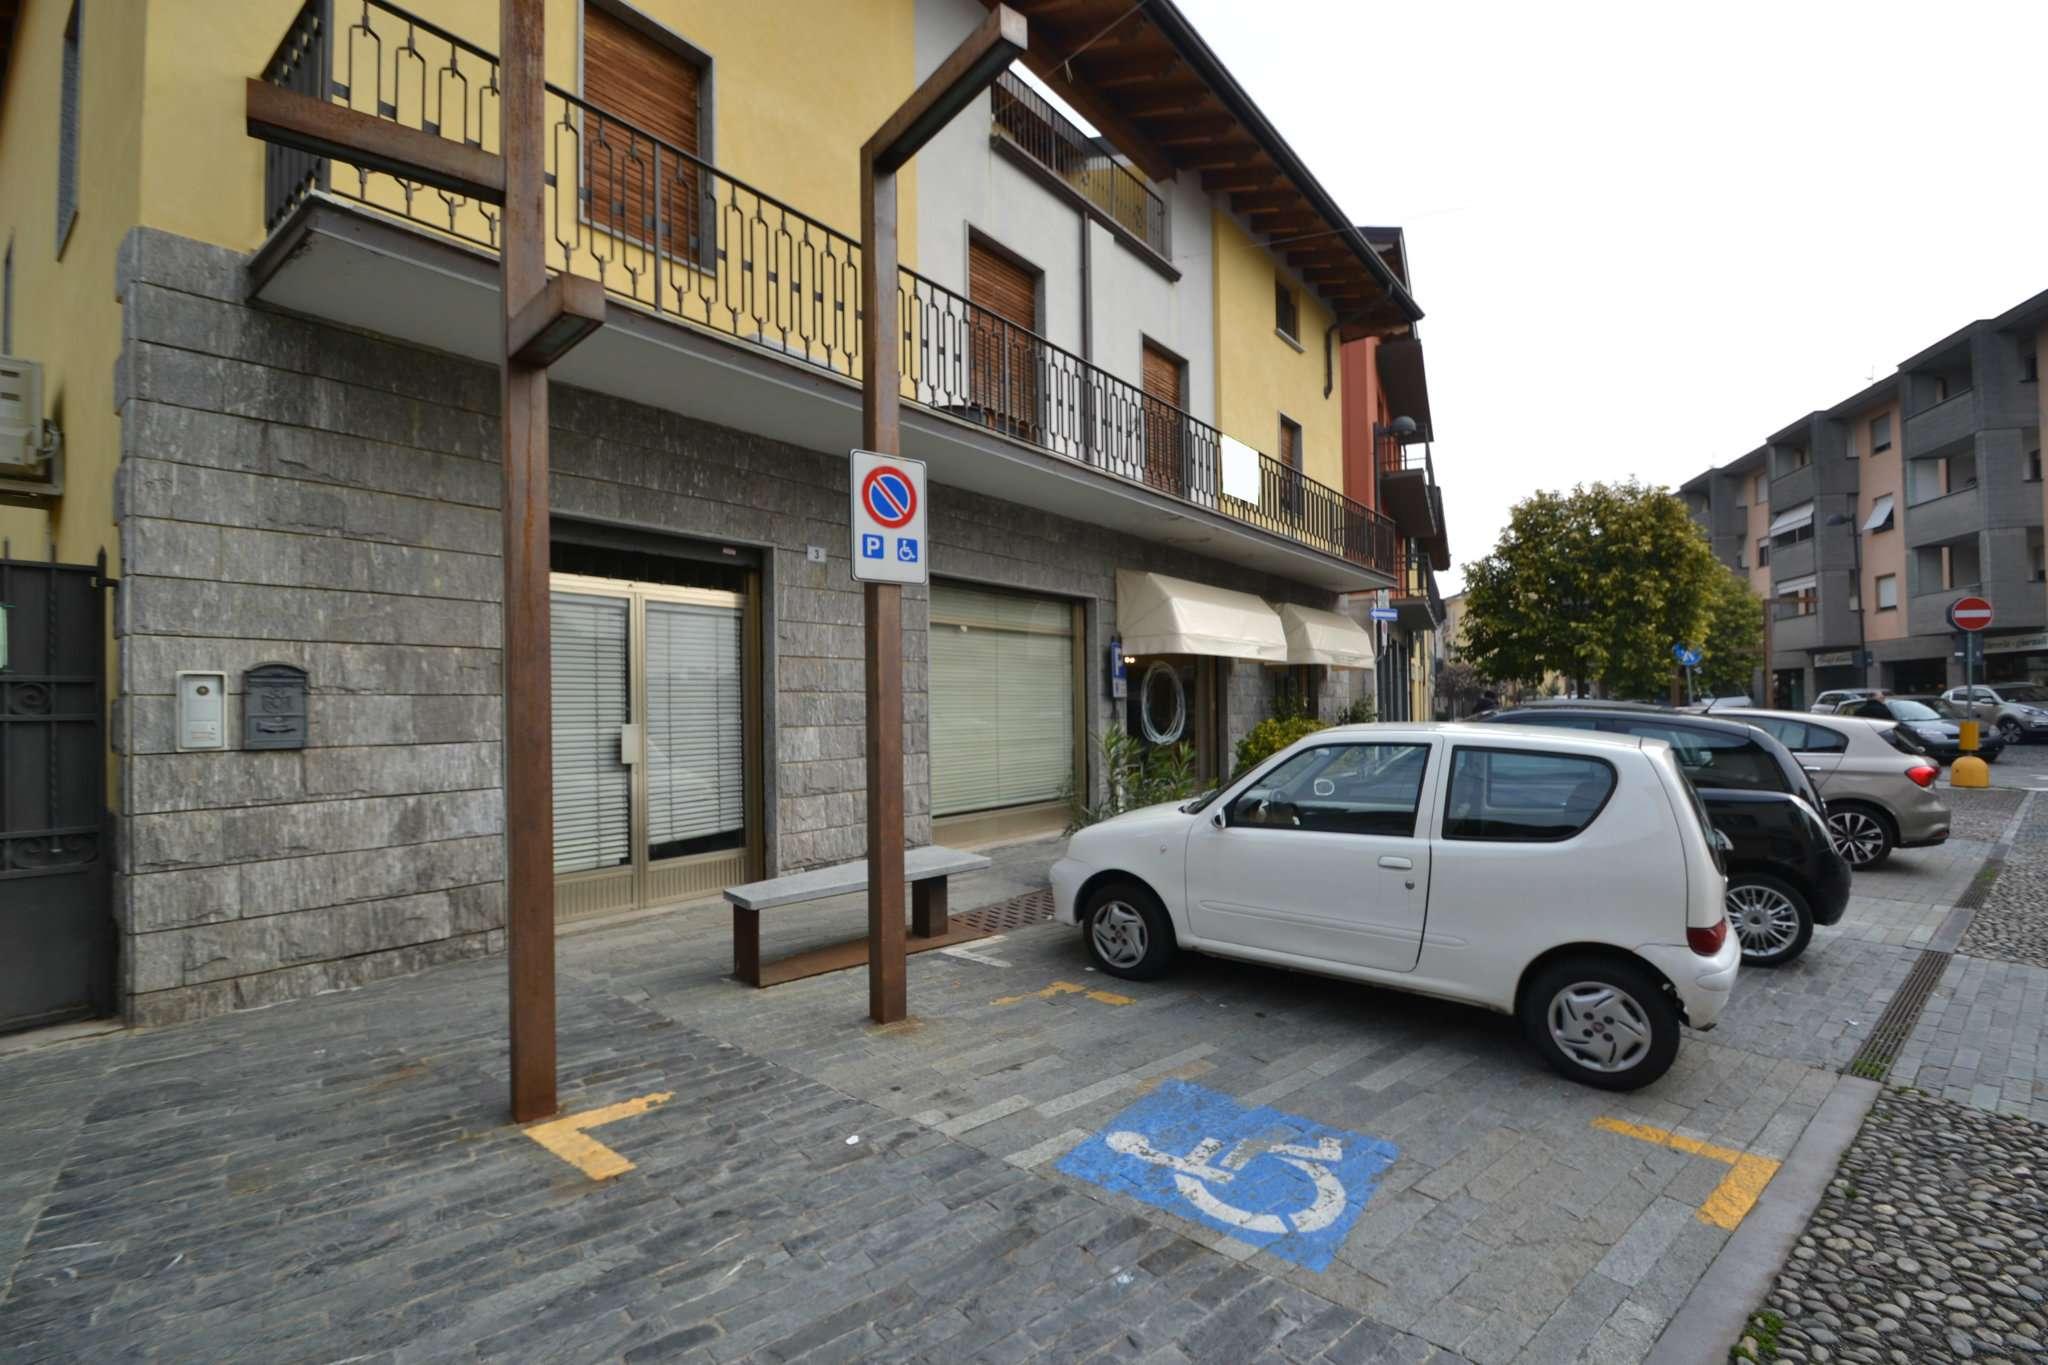 Negozio / Locale in vendita a Curno, 2 locali, prezzo € 119.000 | CambioCasa.it